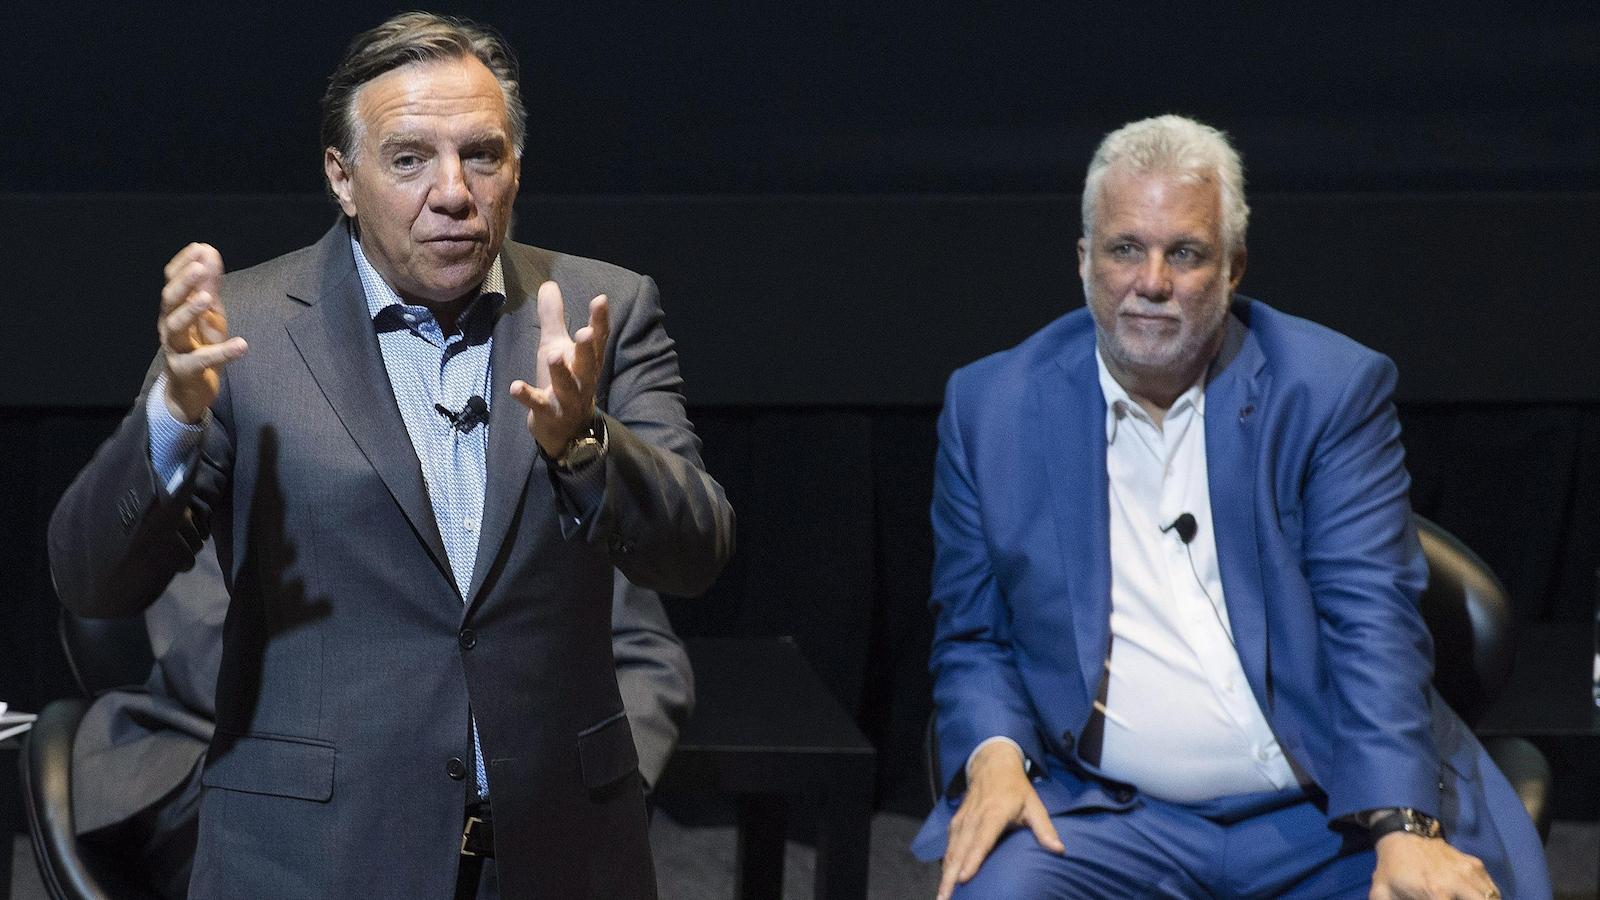 Le premier ministre Philippe Couillard écoute le chef de la CAQ, François Legault, lors d'un événement organisé par l'Institut du Nouveau Monde, le 17 août 2018.